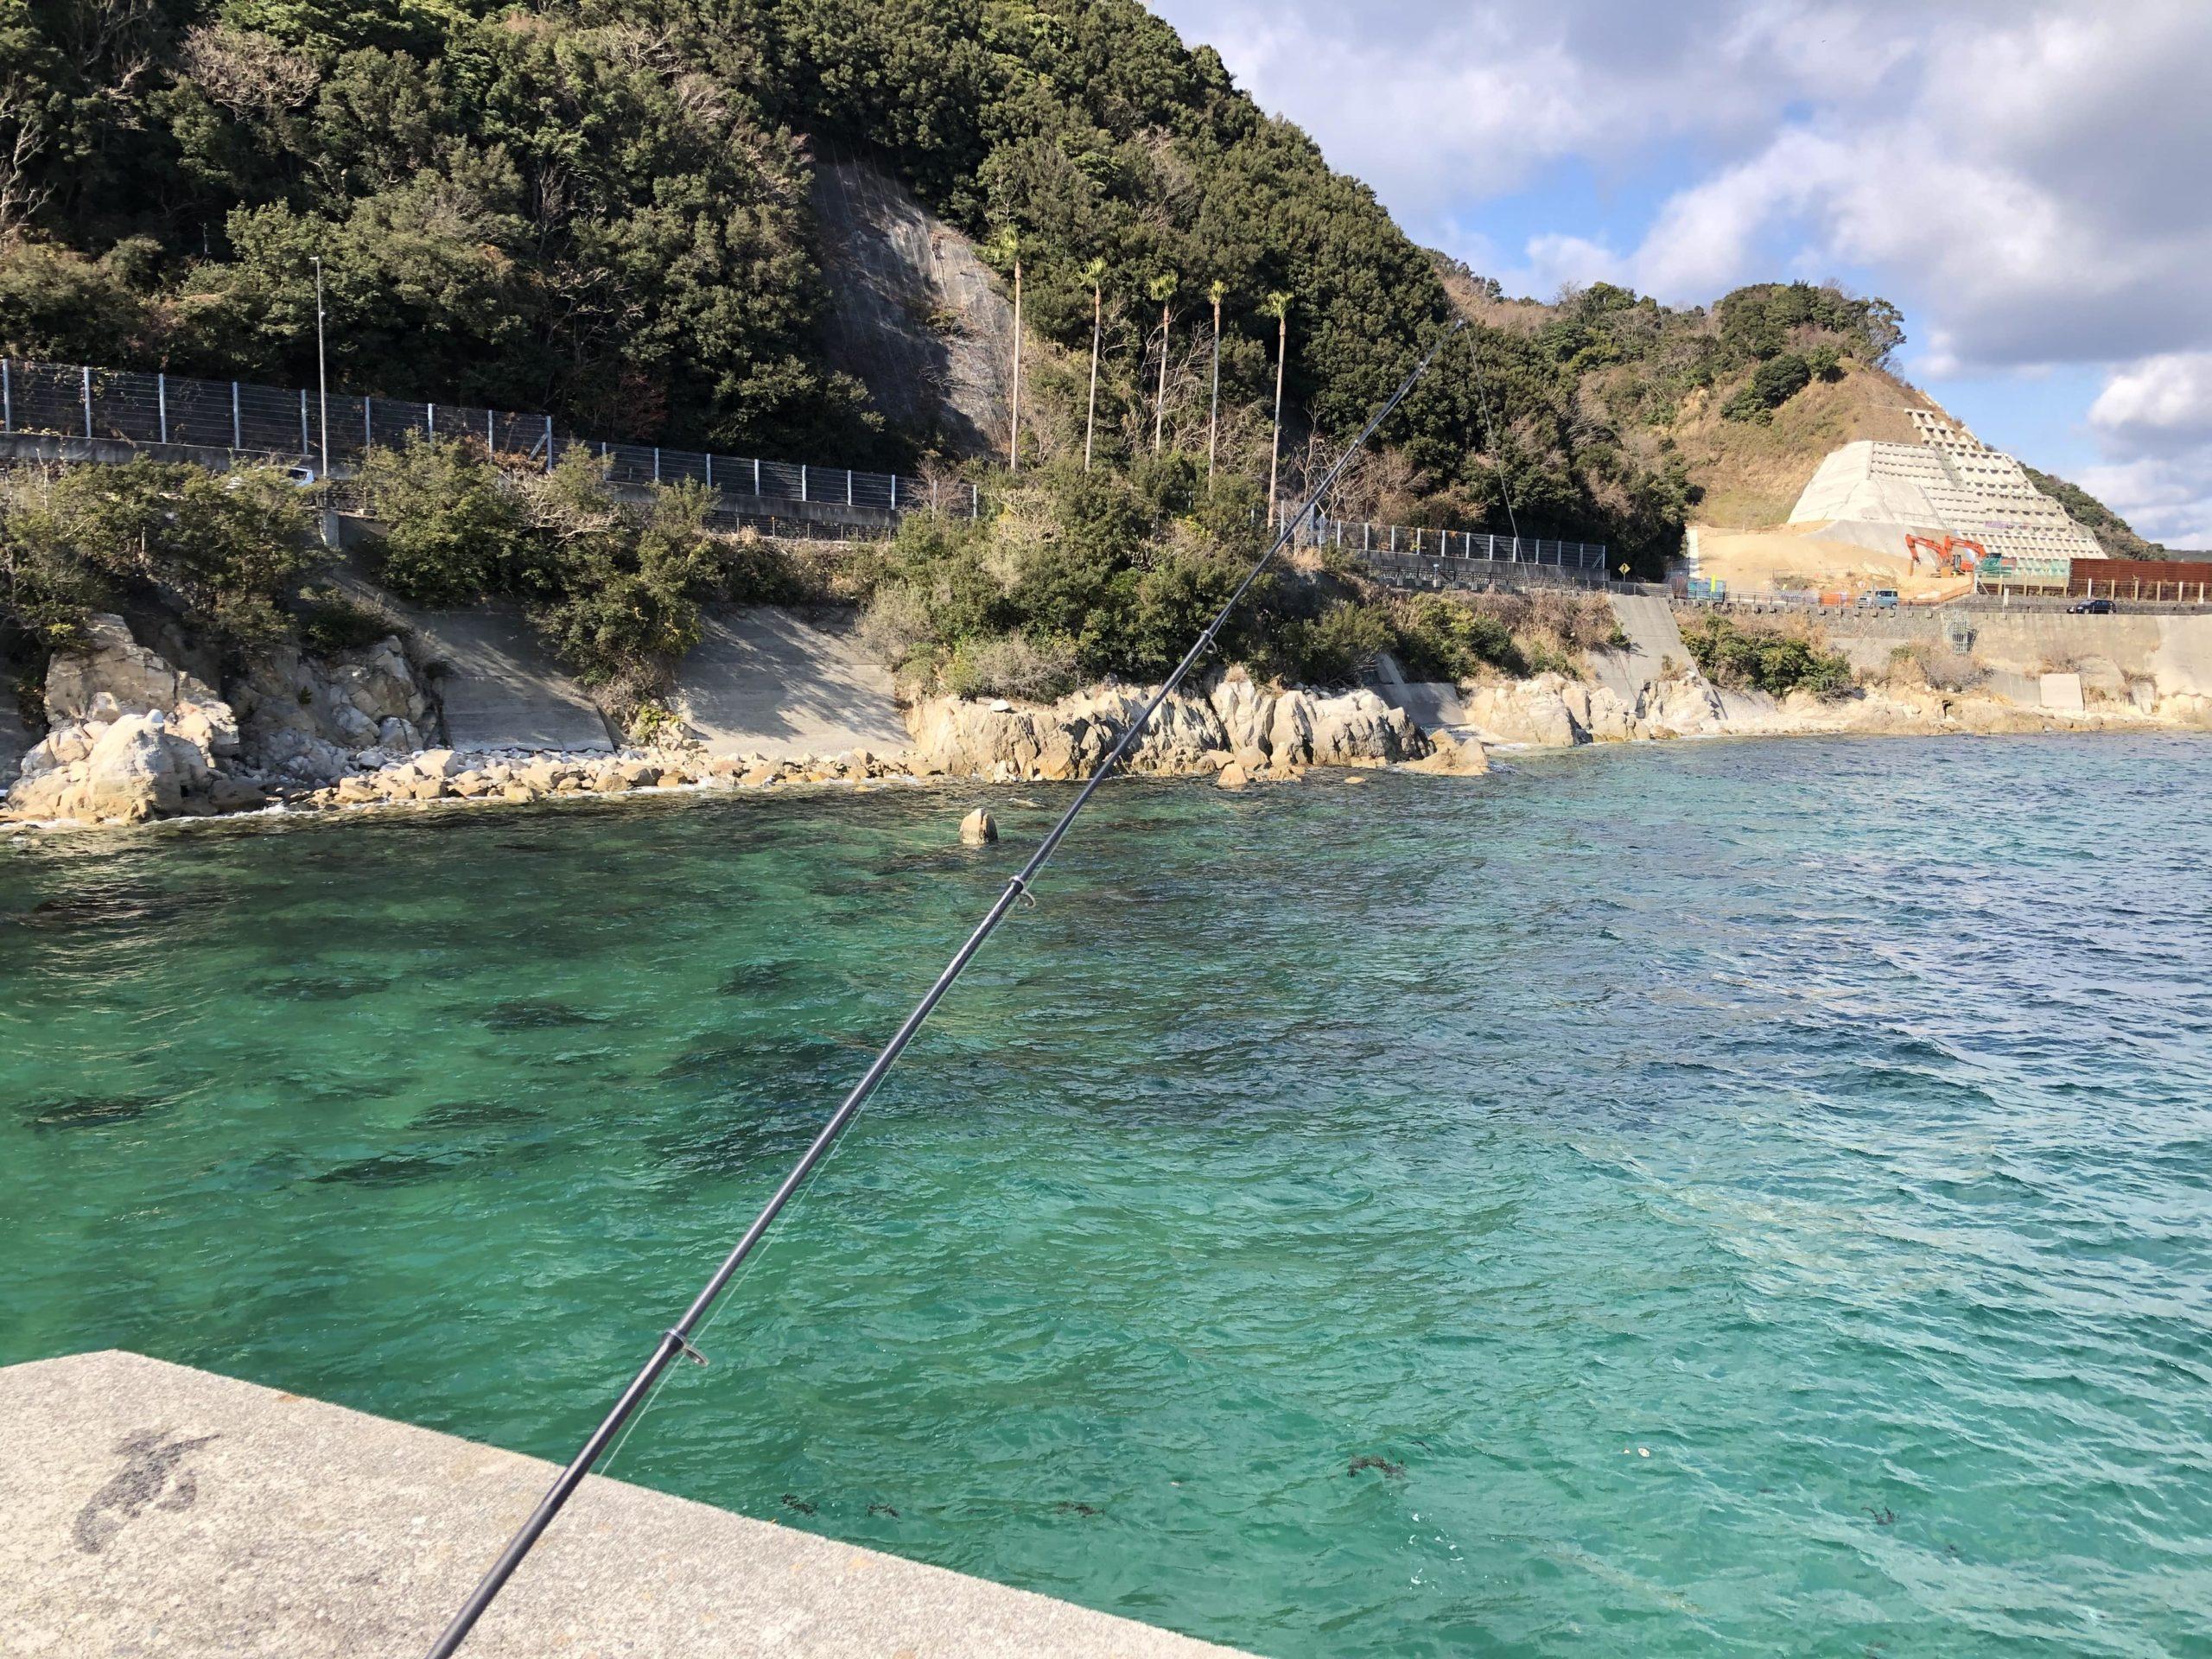 炬口漁港で飲ませ釣り